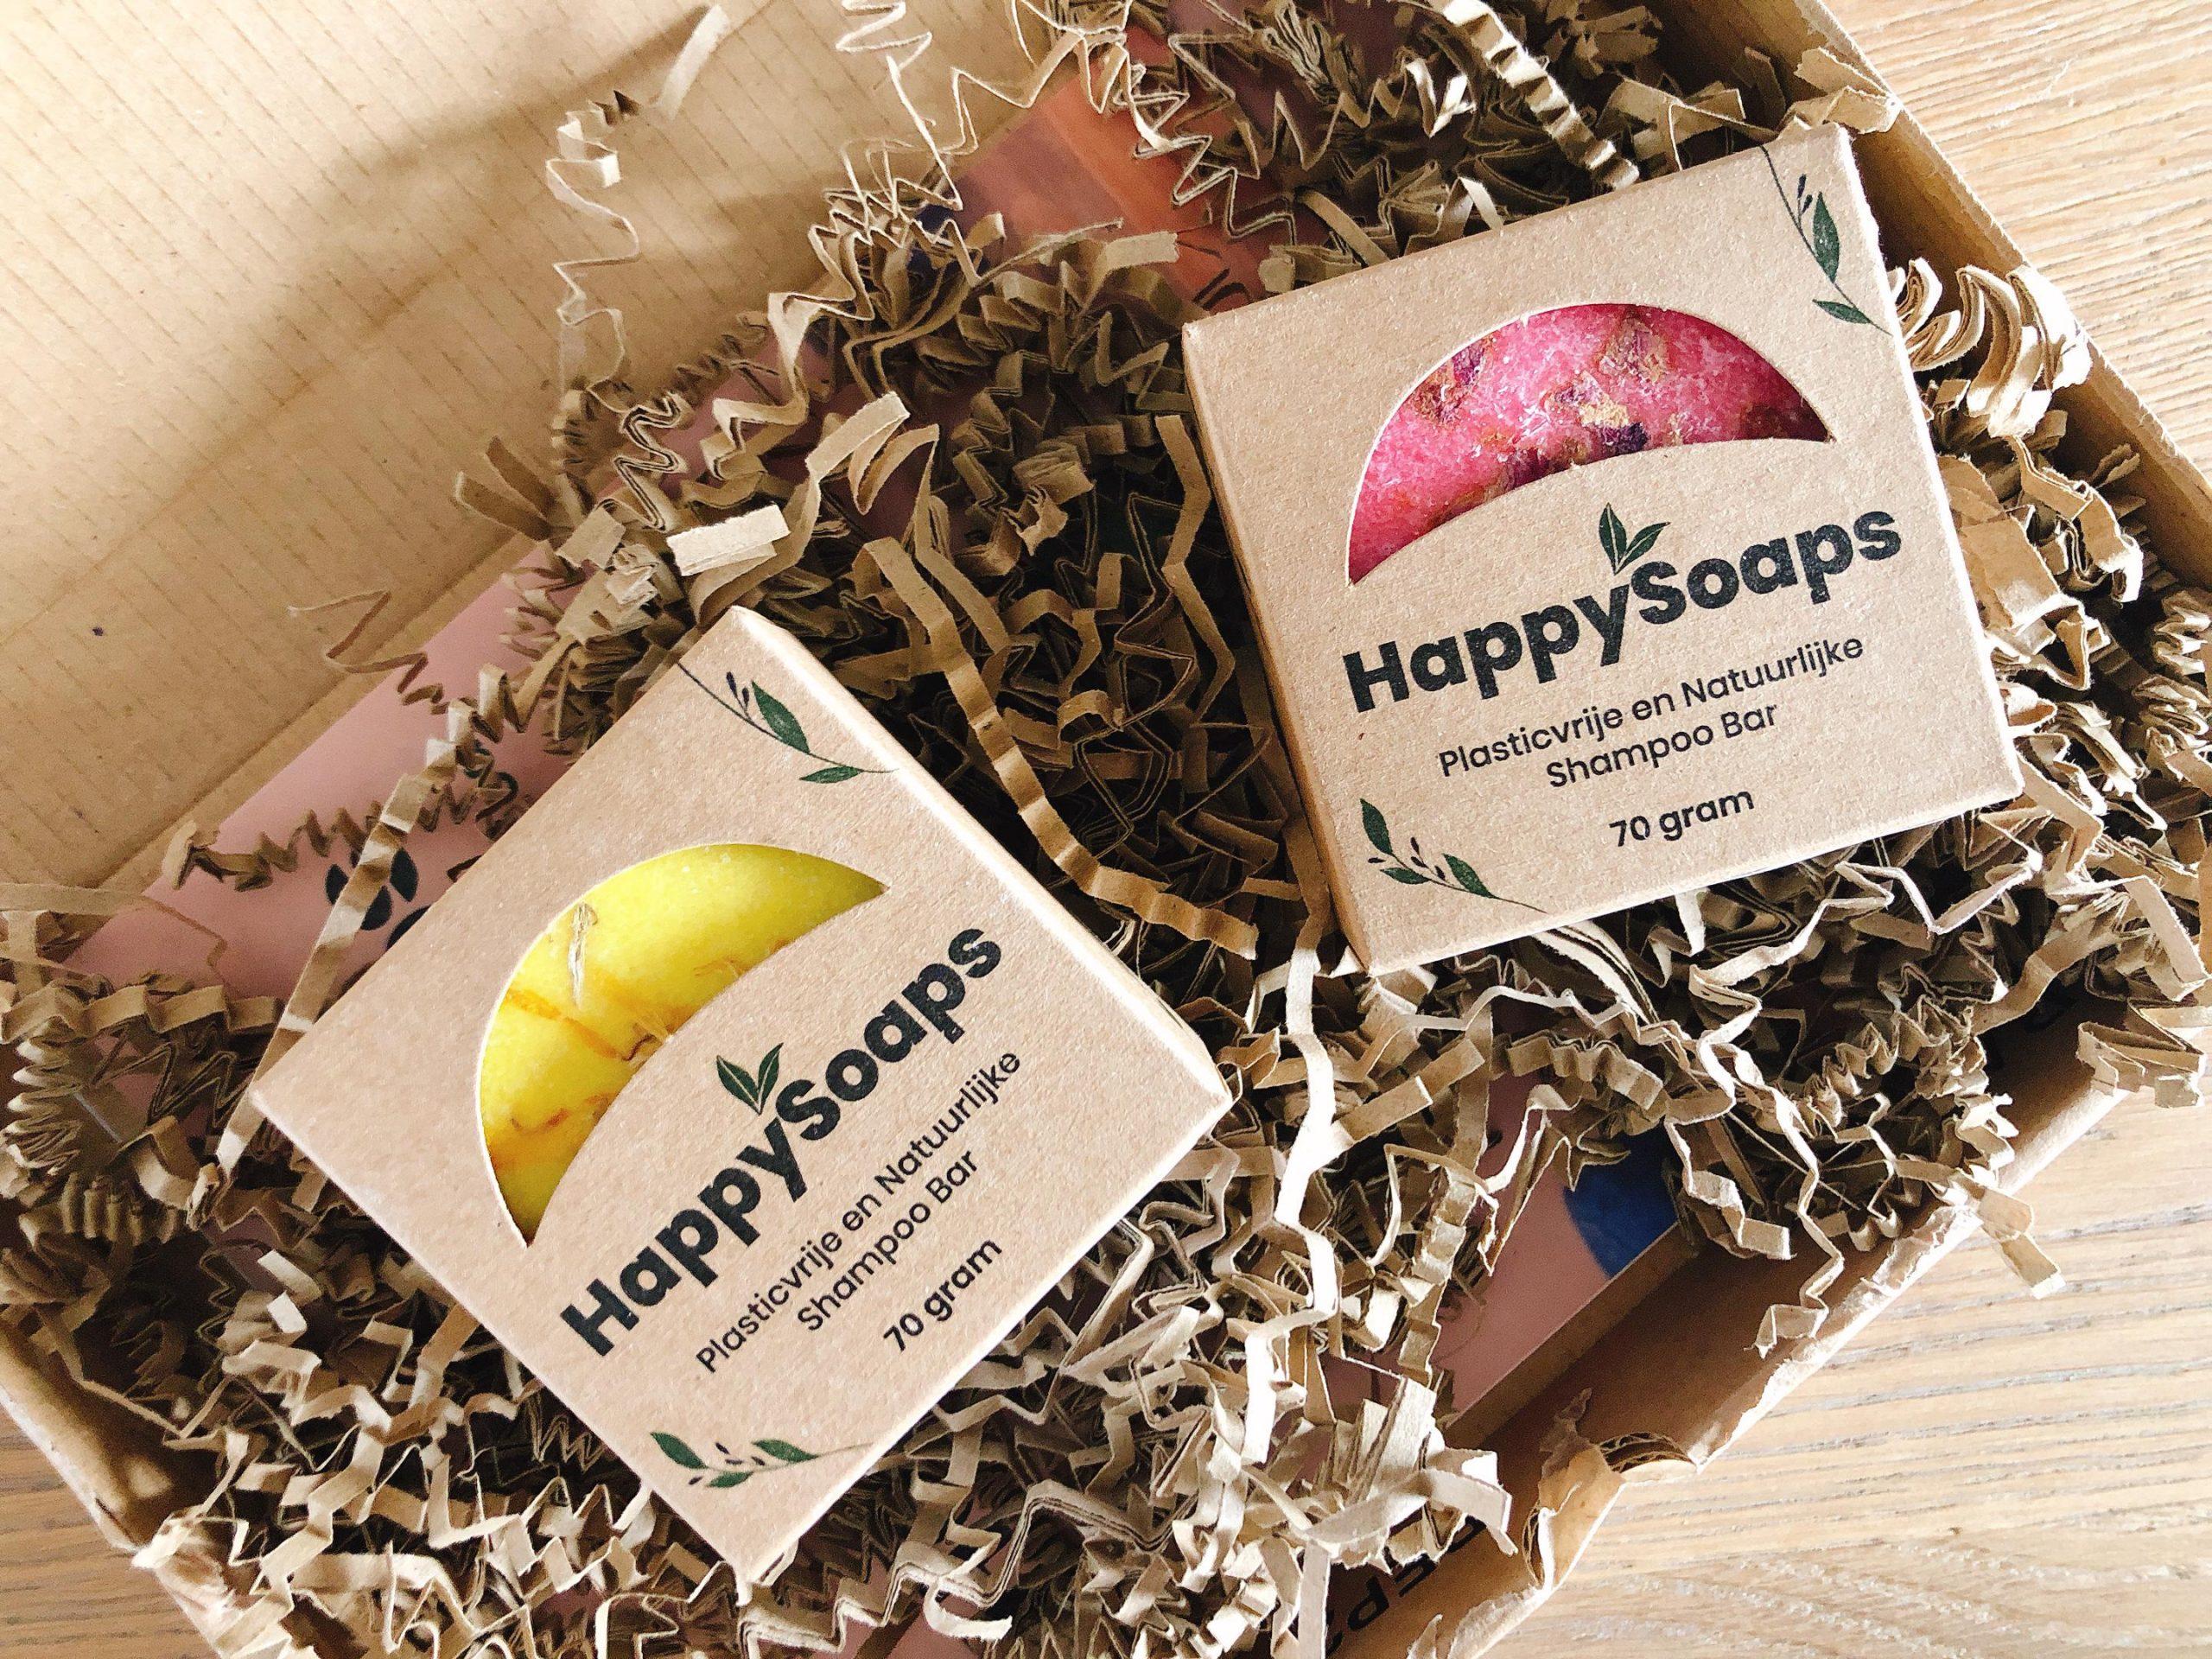 IMG 8256 2880x2160 2 scaled - De voordelen van een Shampoo Bar, en hoe gebruik je 'm?